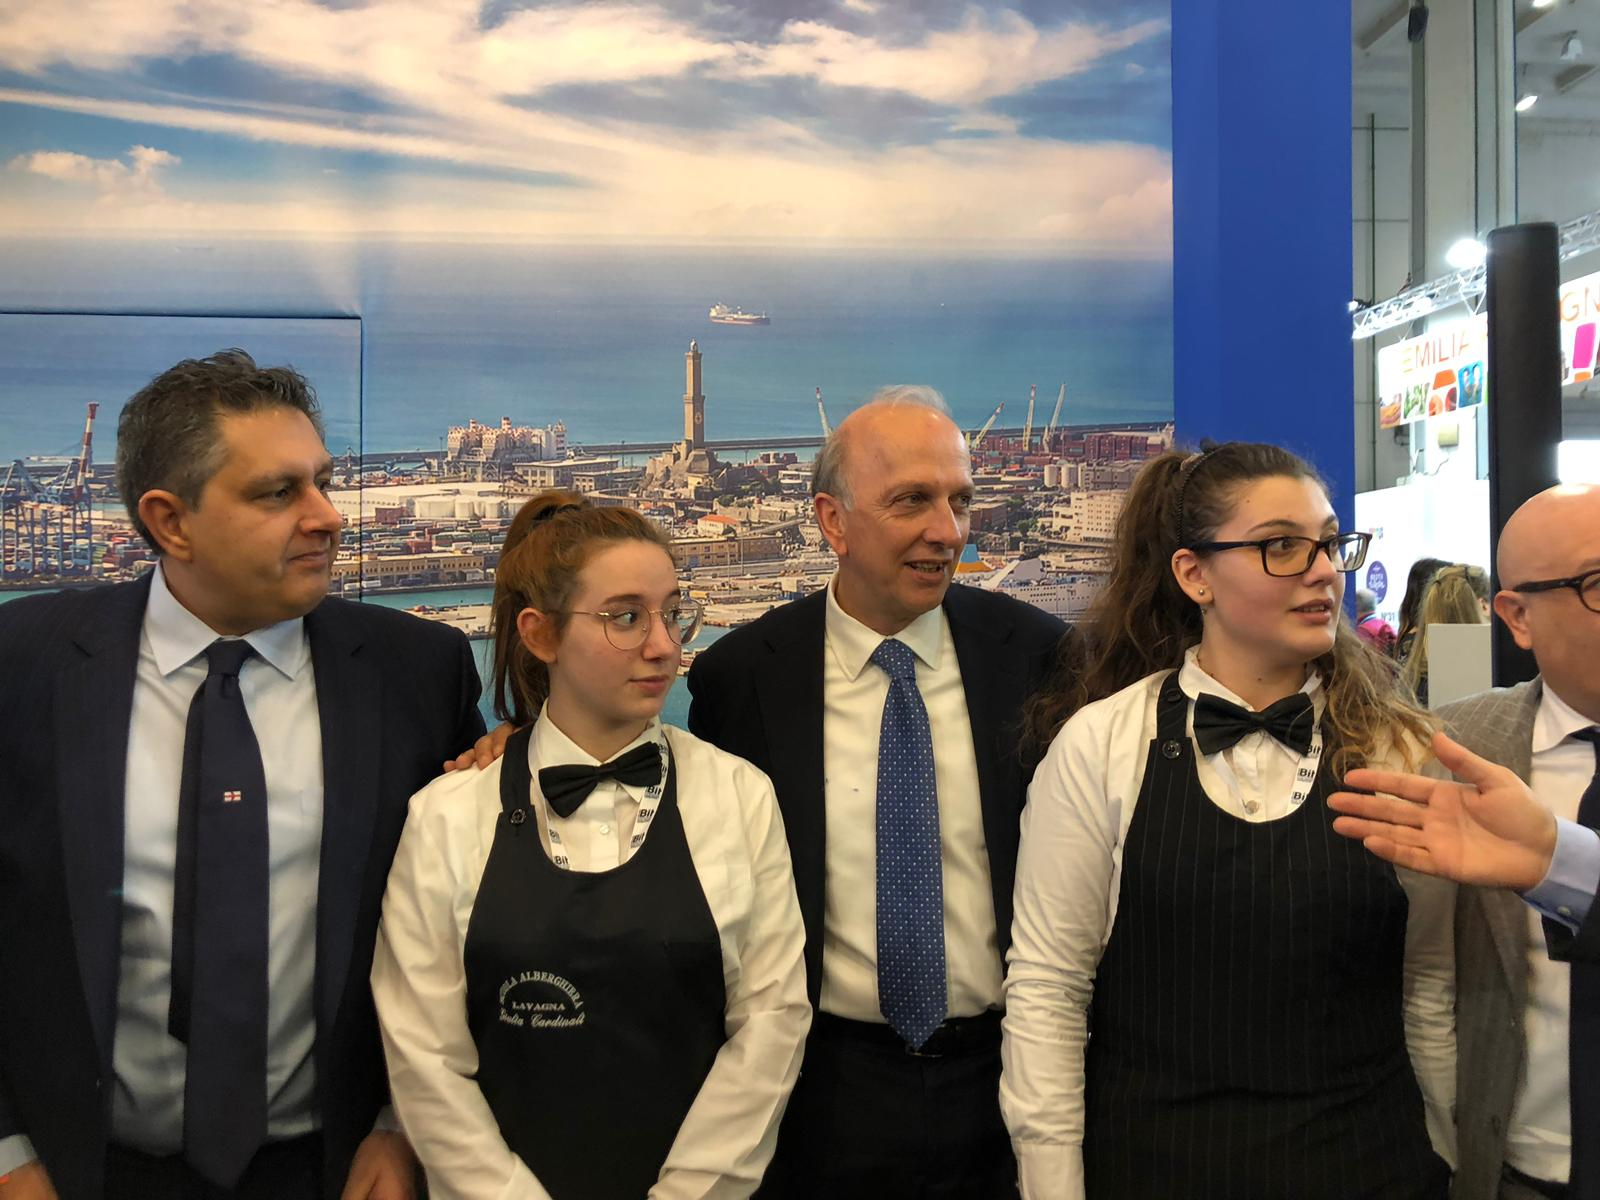 Accademia del Turismo alla Borsa Internazionale del Turismo di Milano 2019.02.11 01